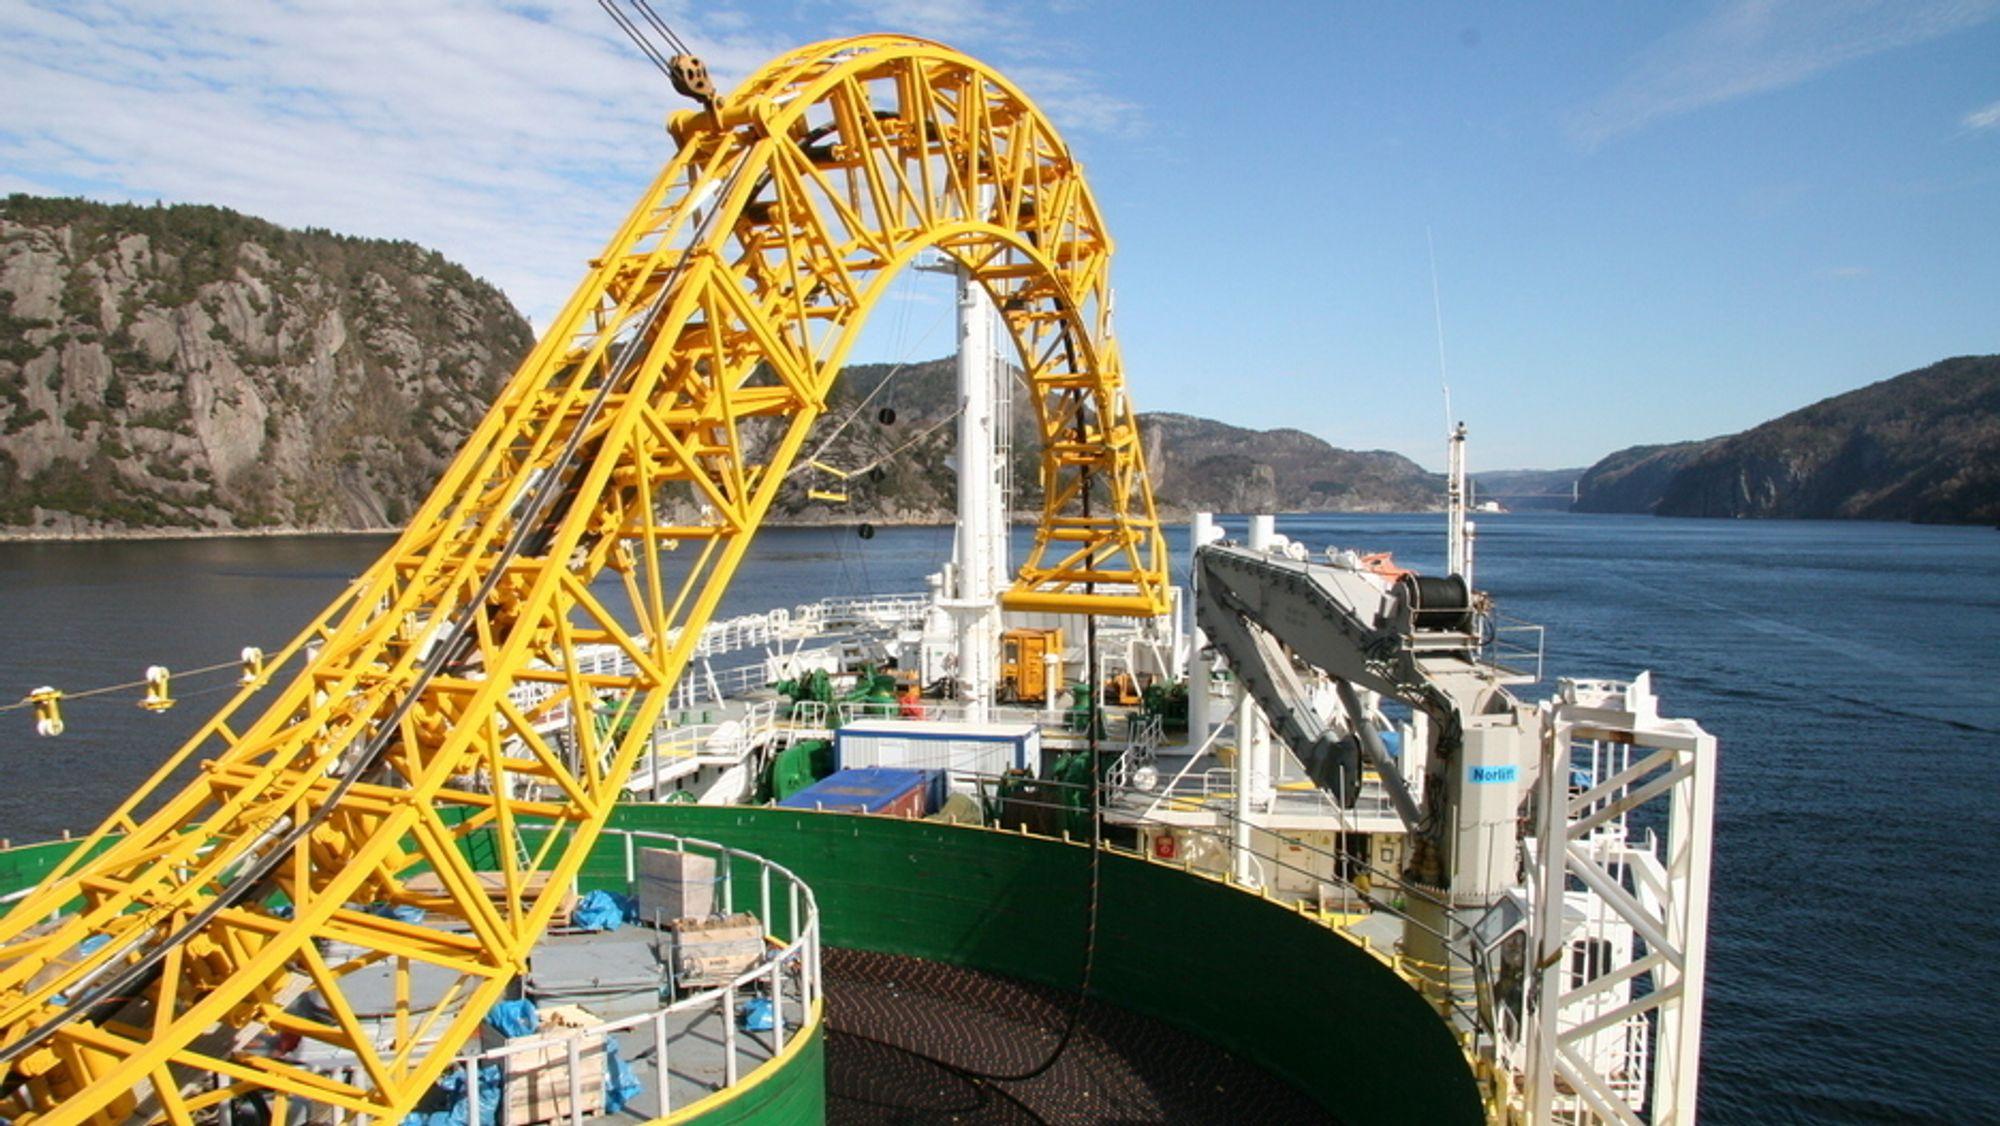 Kabelen mellom Norge og Nederland, NorNed, er verdens lengste undersjøiske kraftkabel. Snart skal regjeringen avgjøre om Norge også skal bygge en kabel til Skottland.